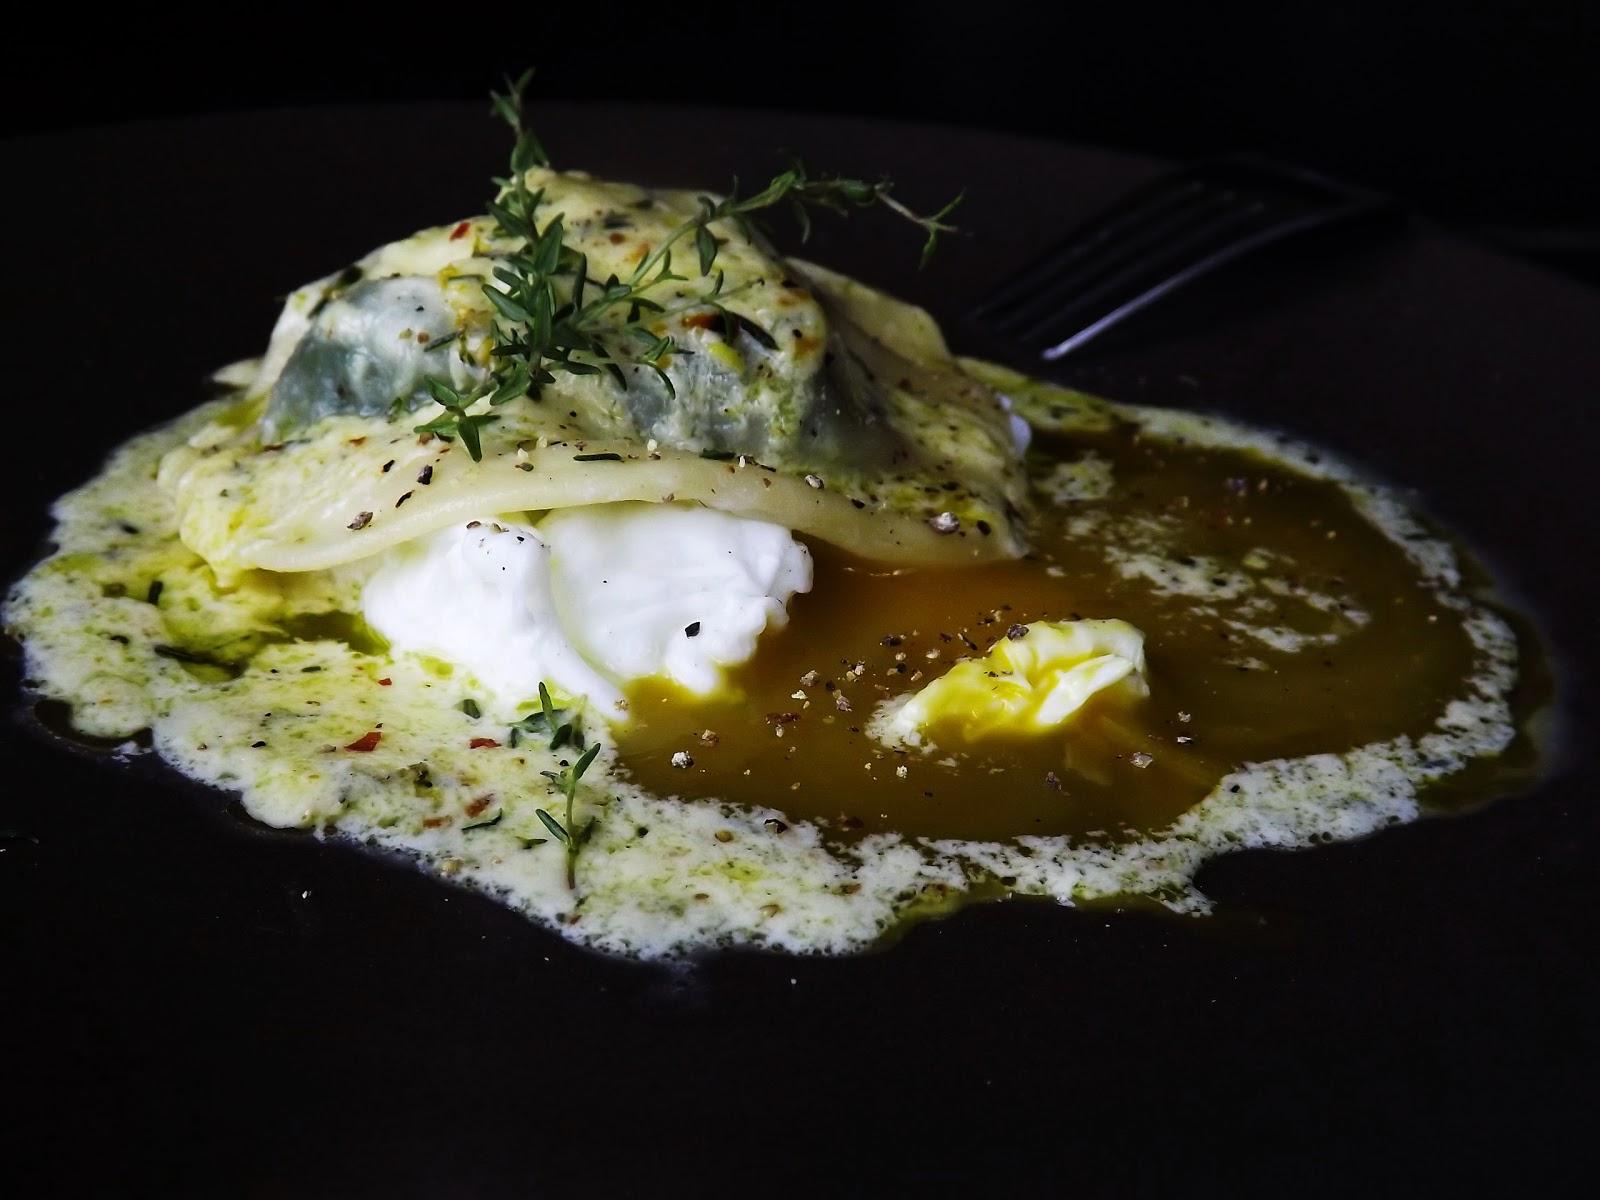 Ravioli ze szpinakiem i kozim serem na jajku z sosem cytrynowym